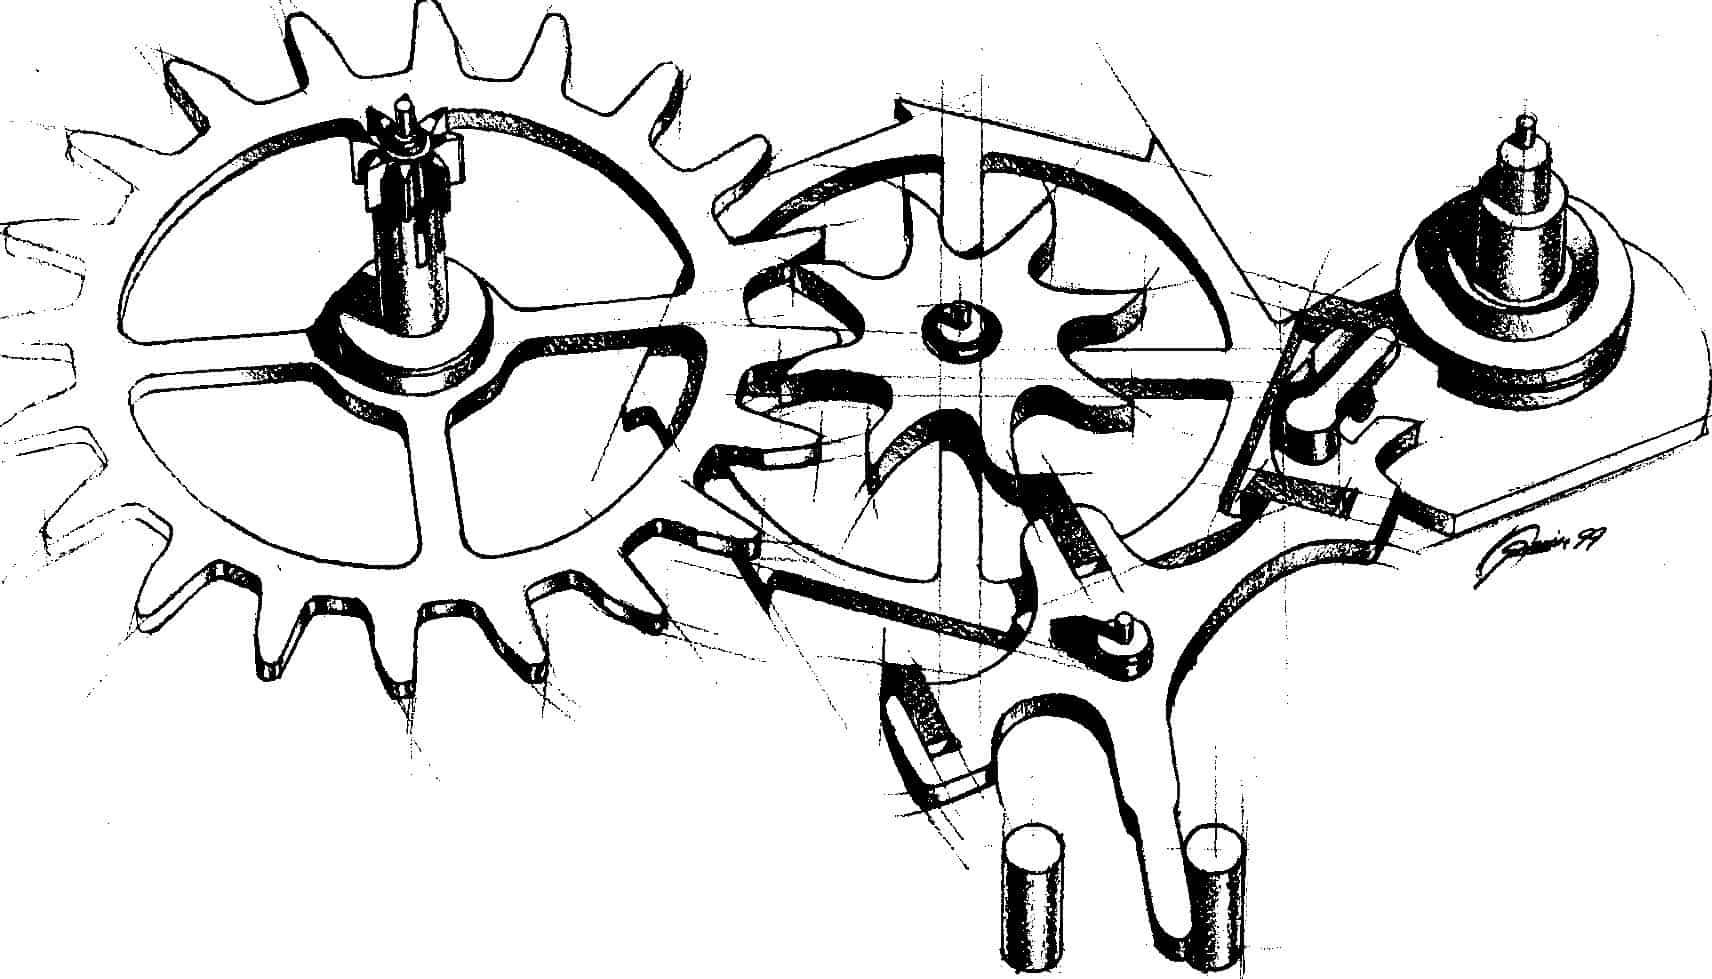 איור שהכין ג'ורג' דניאלס שמציג את מנגנון הבריחה הקו-אקסיאלי.